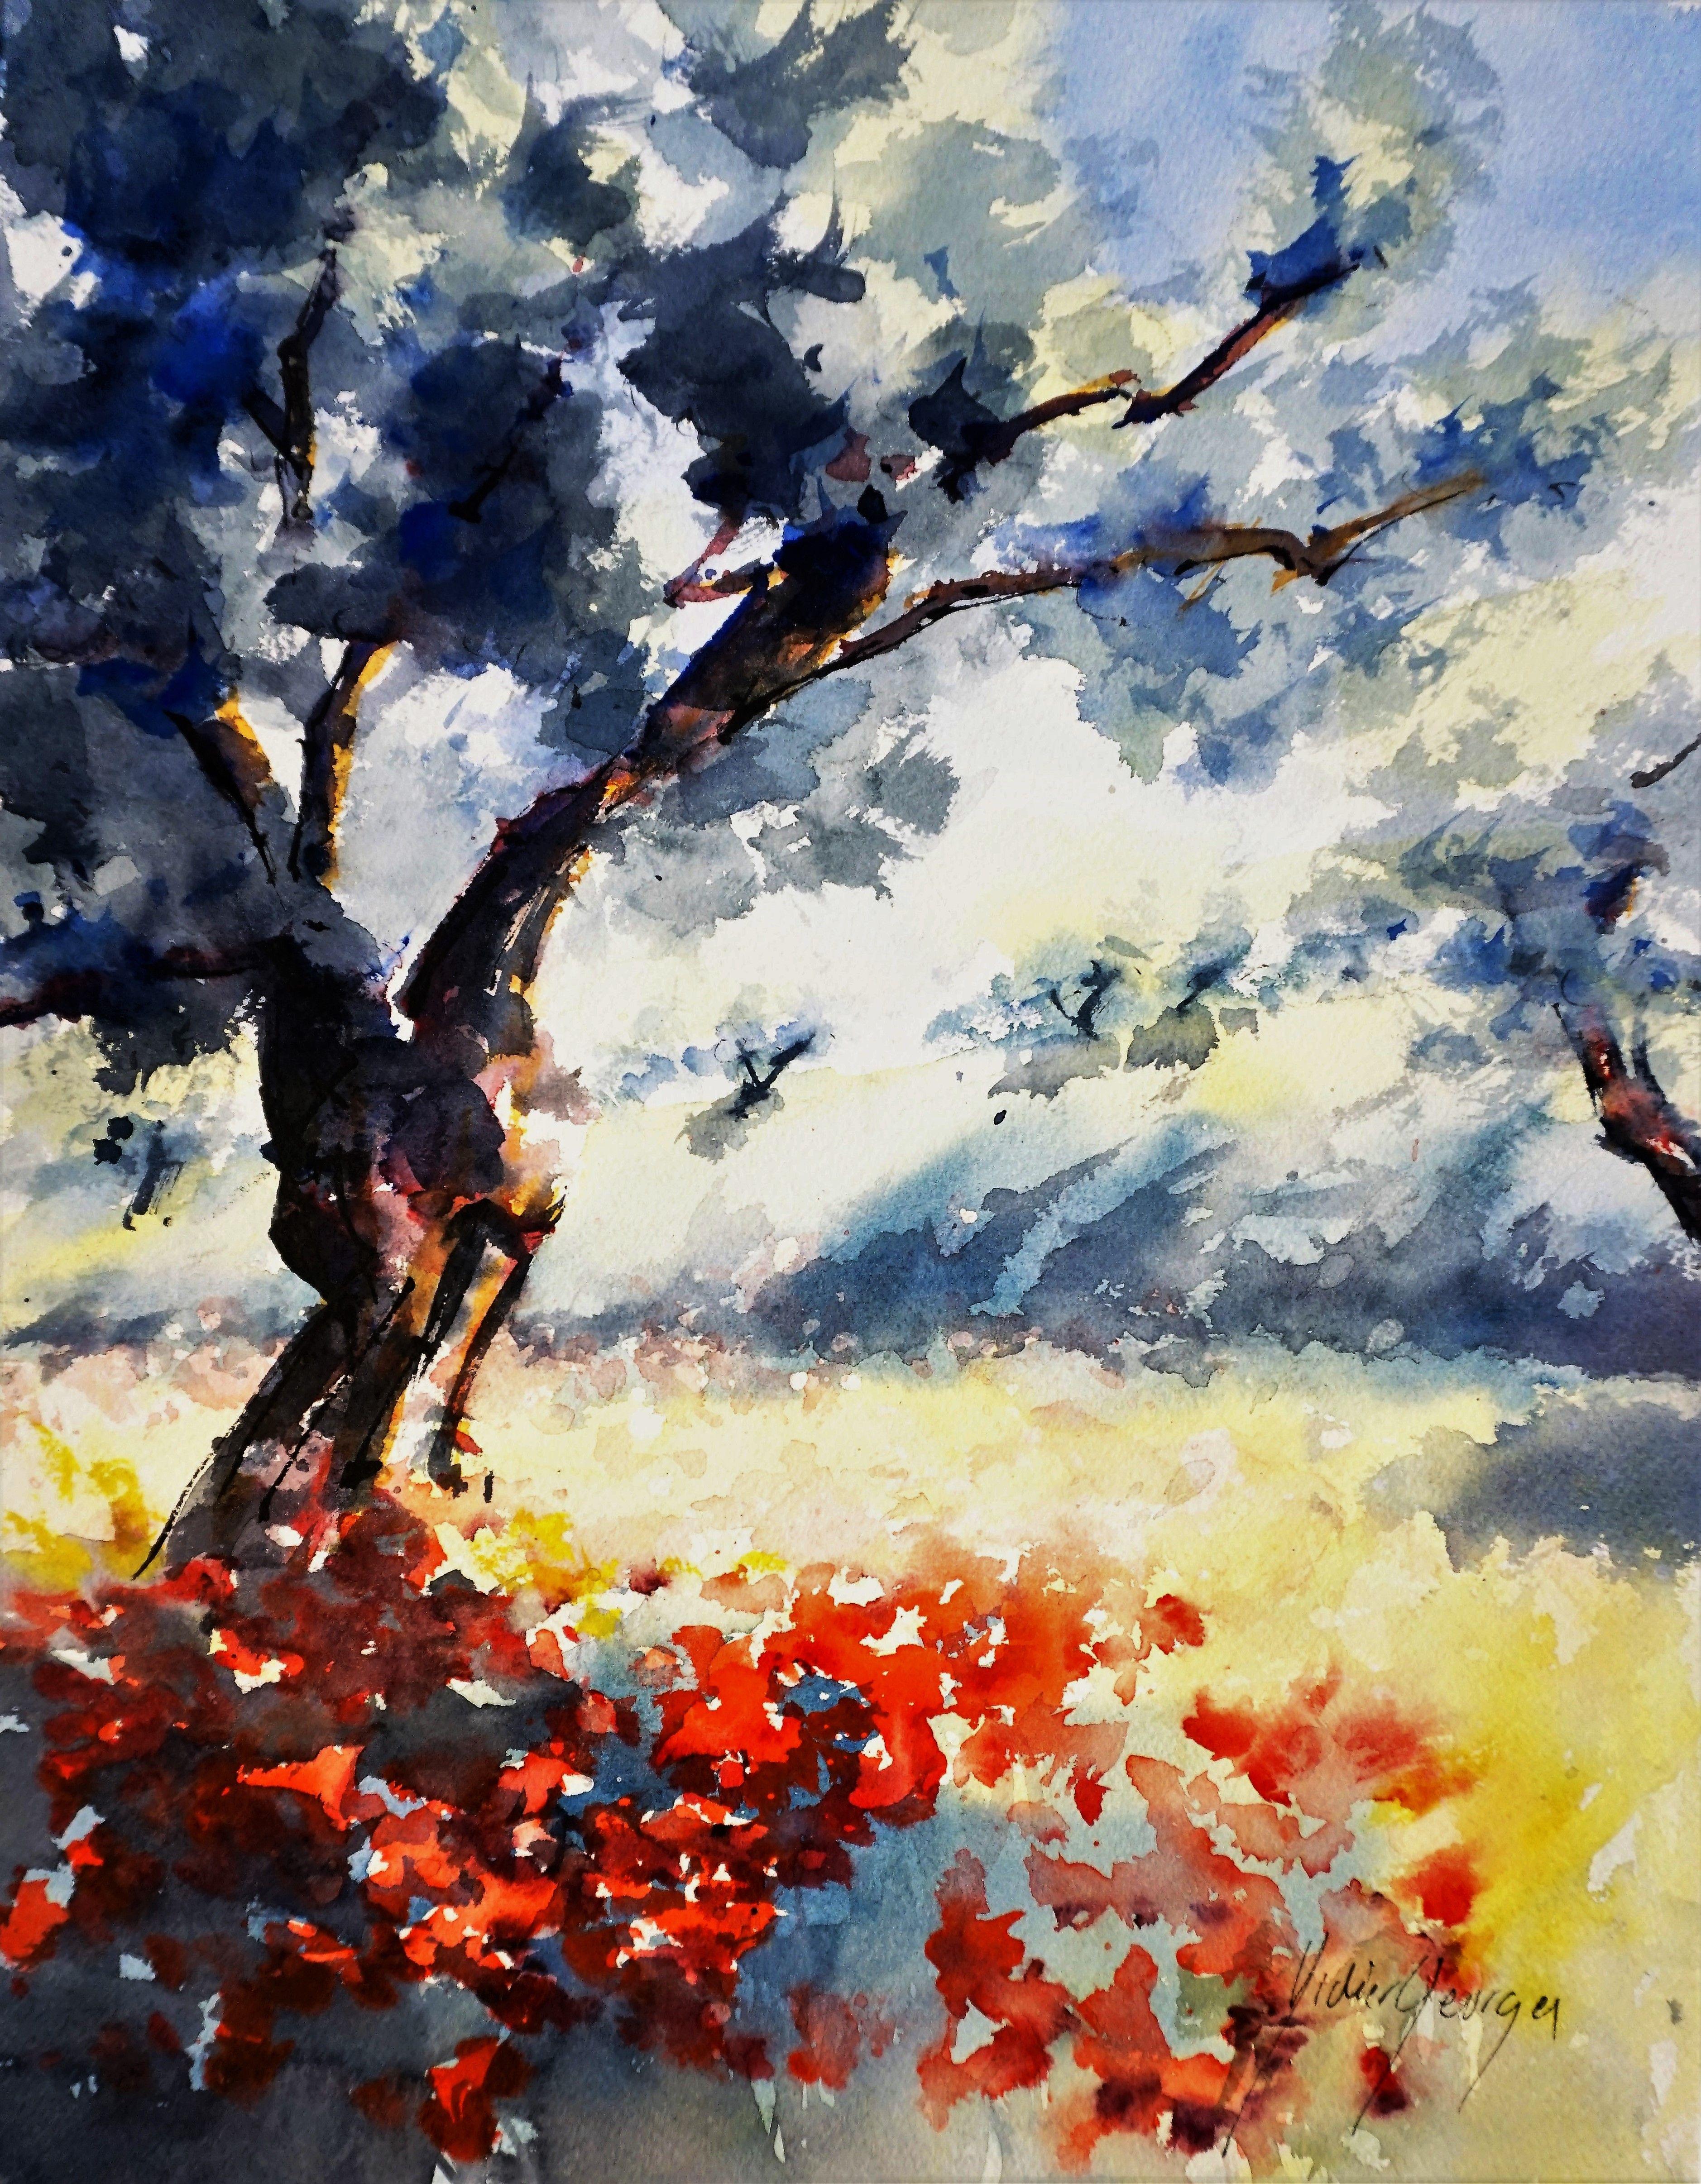 Provence Aquarelle De Didier Georges Aquarelle Peinture